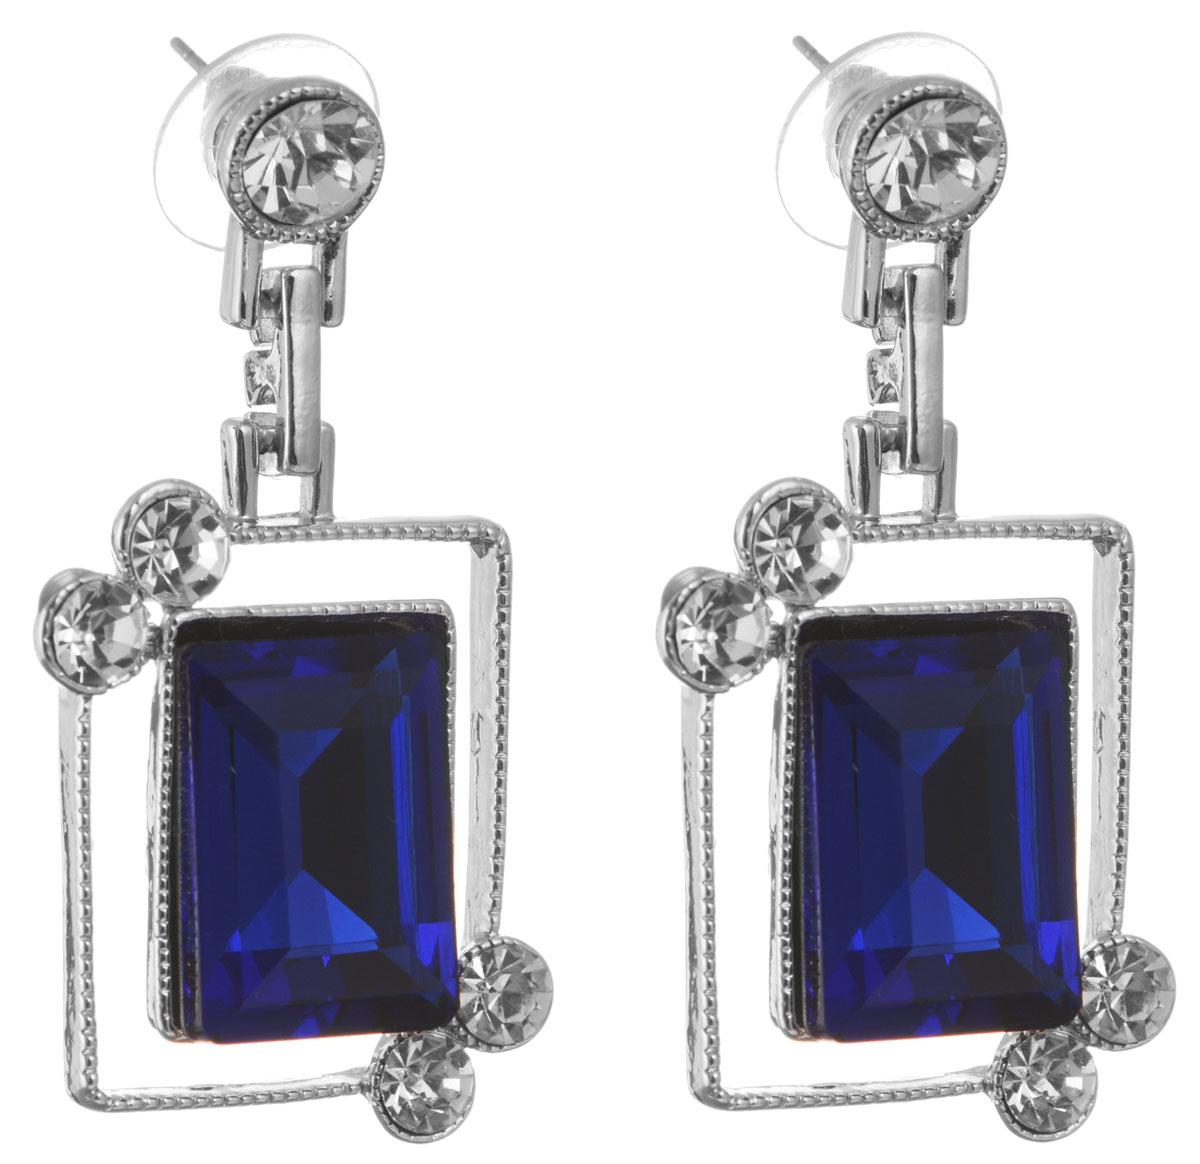 Серьги Taya, цвет: серебристый, темно-синий. T-B-10688-EARR-SL.D.BLUET-B-10688-EARR-SL.D.BLUEОригинальные серьги Taya, выполненные из металлического сплава в виде подвесок квадратной формы декорированных крупными и мелкими стразами, придадут вашему образу изюминку, подчеркнут красоту или преобразят повседневный наряд. Застегиваются на замок-гвоздик с пластиковой заглушкой. Такие серьги позволит вам с легкостью воплотить самую смелую фантазию и создать собственный, неповторимый образ.